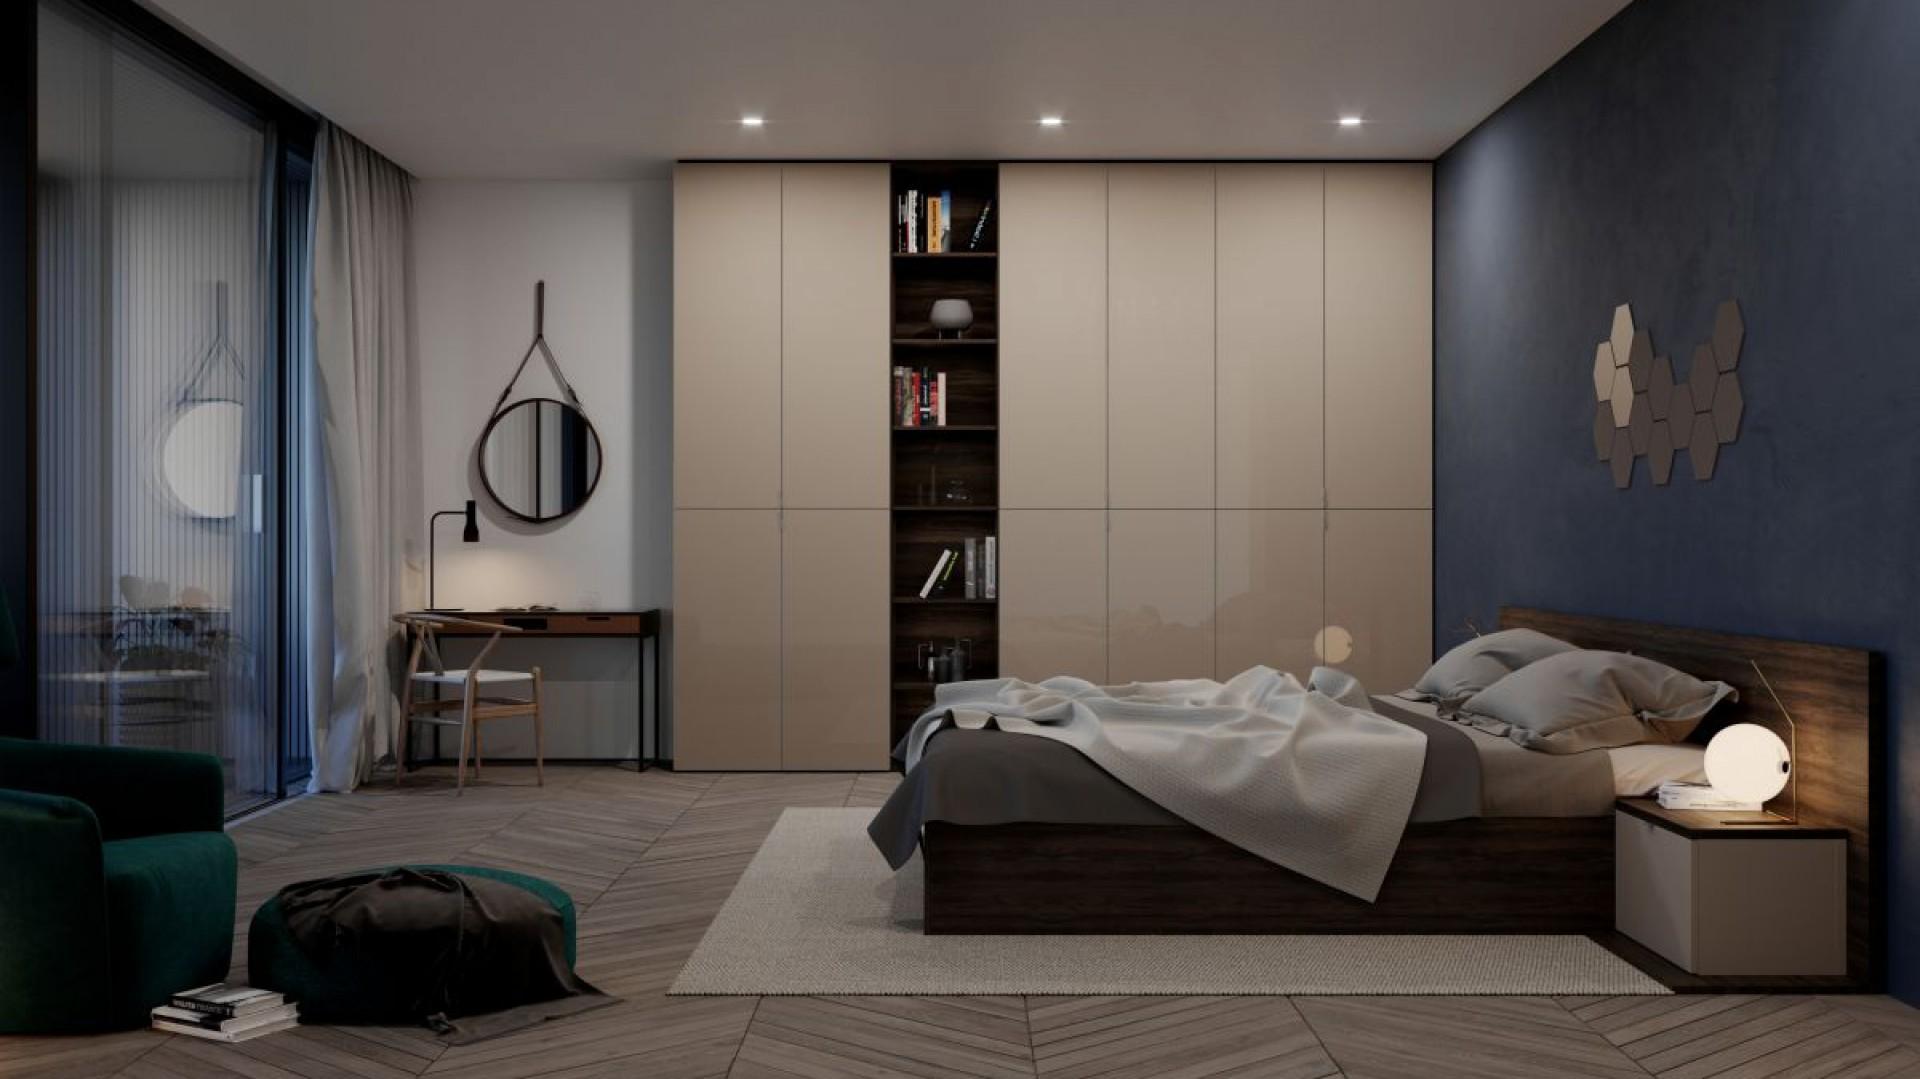 Meble do sypialni - drzwi uchylne znowu są modne